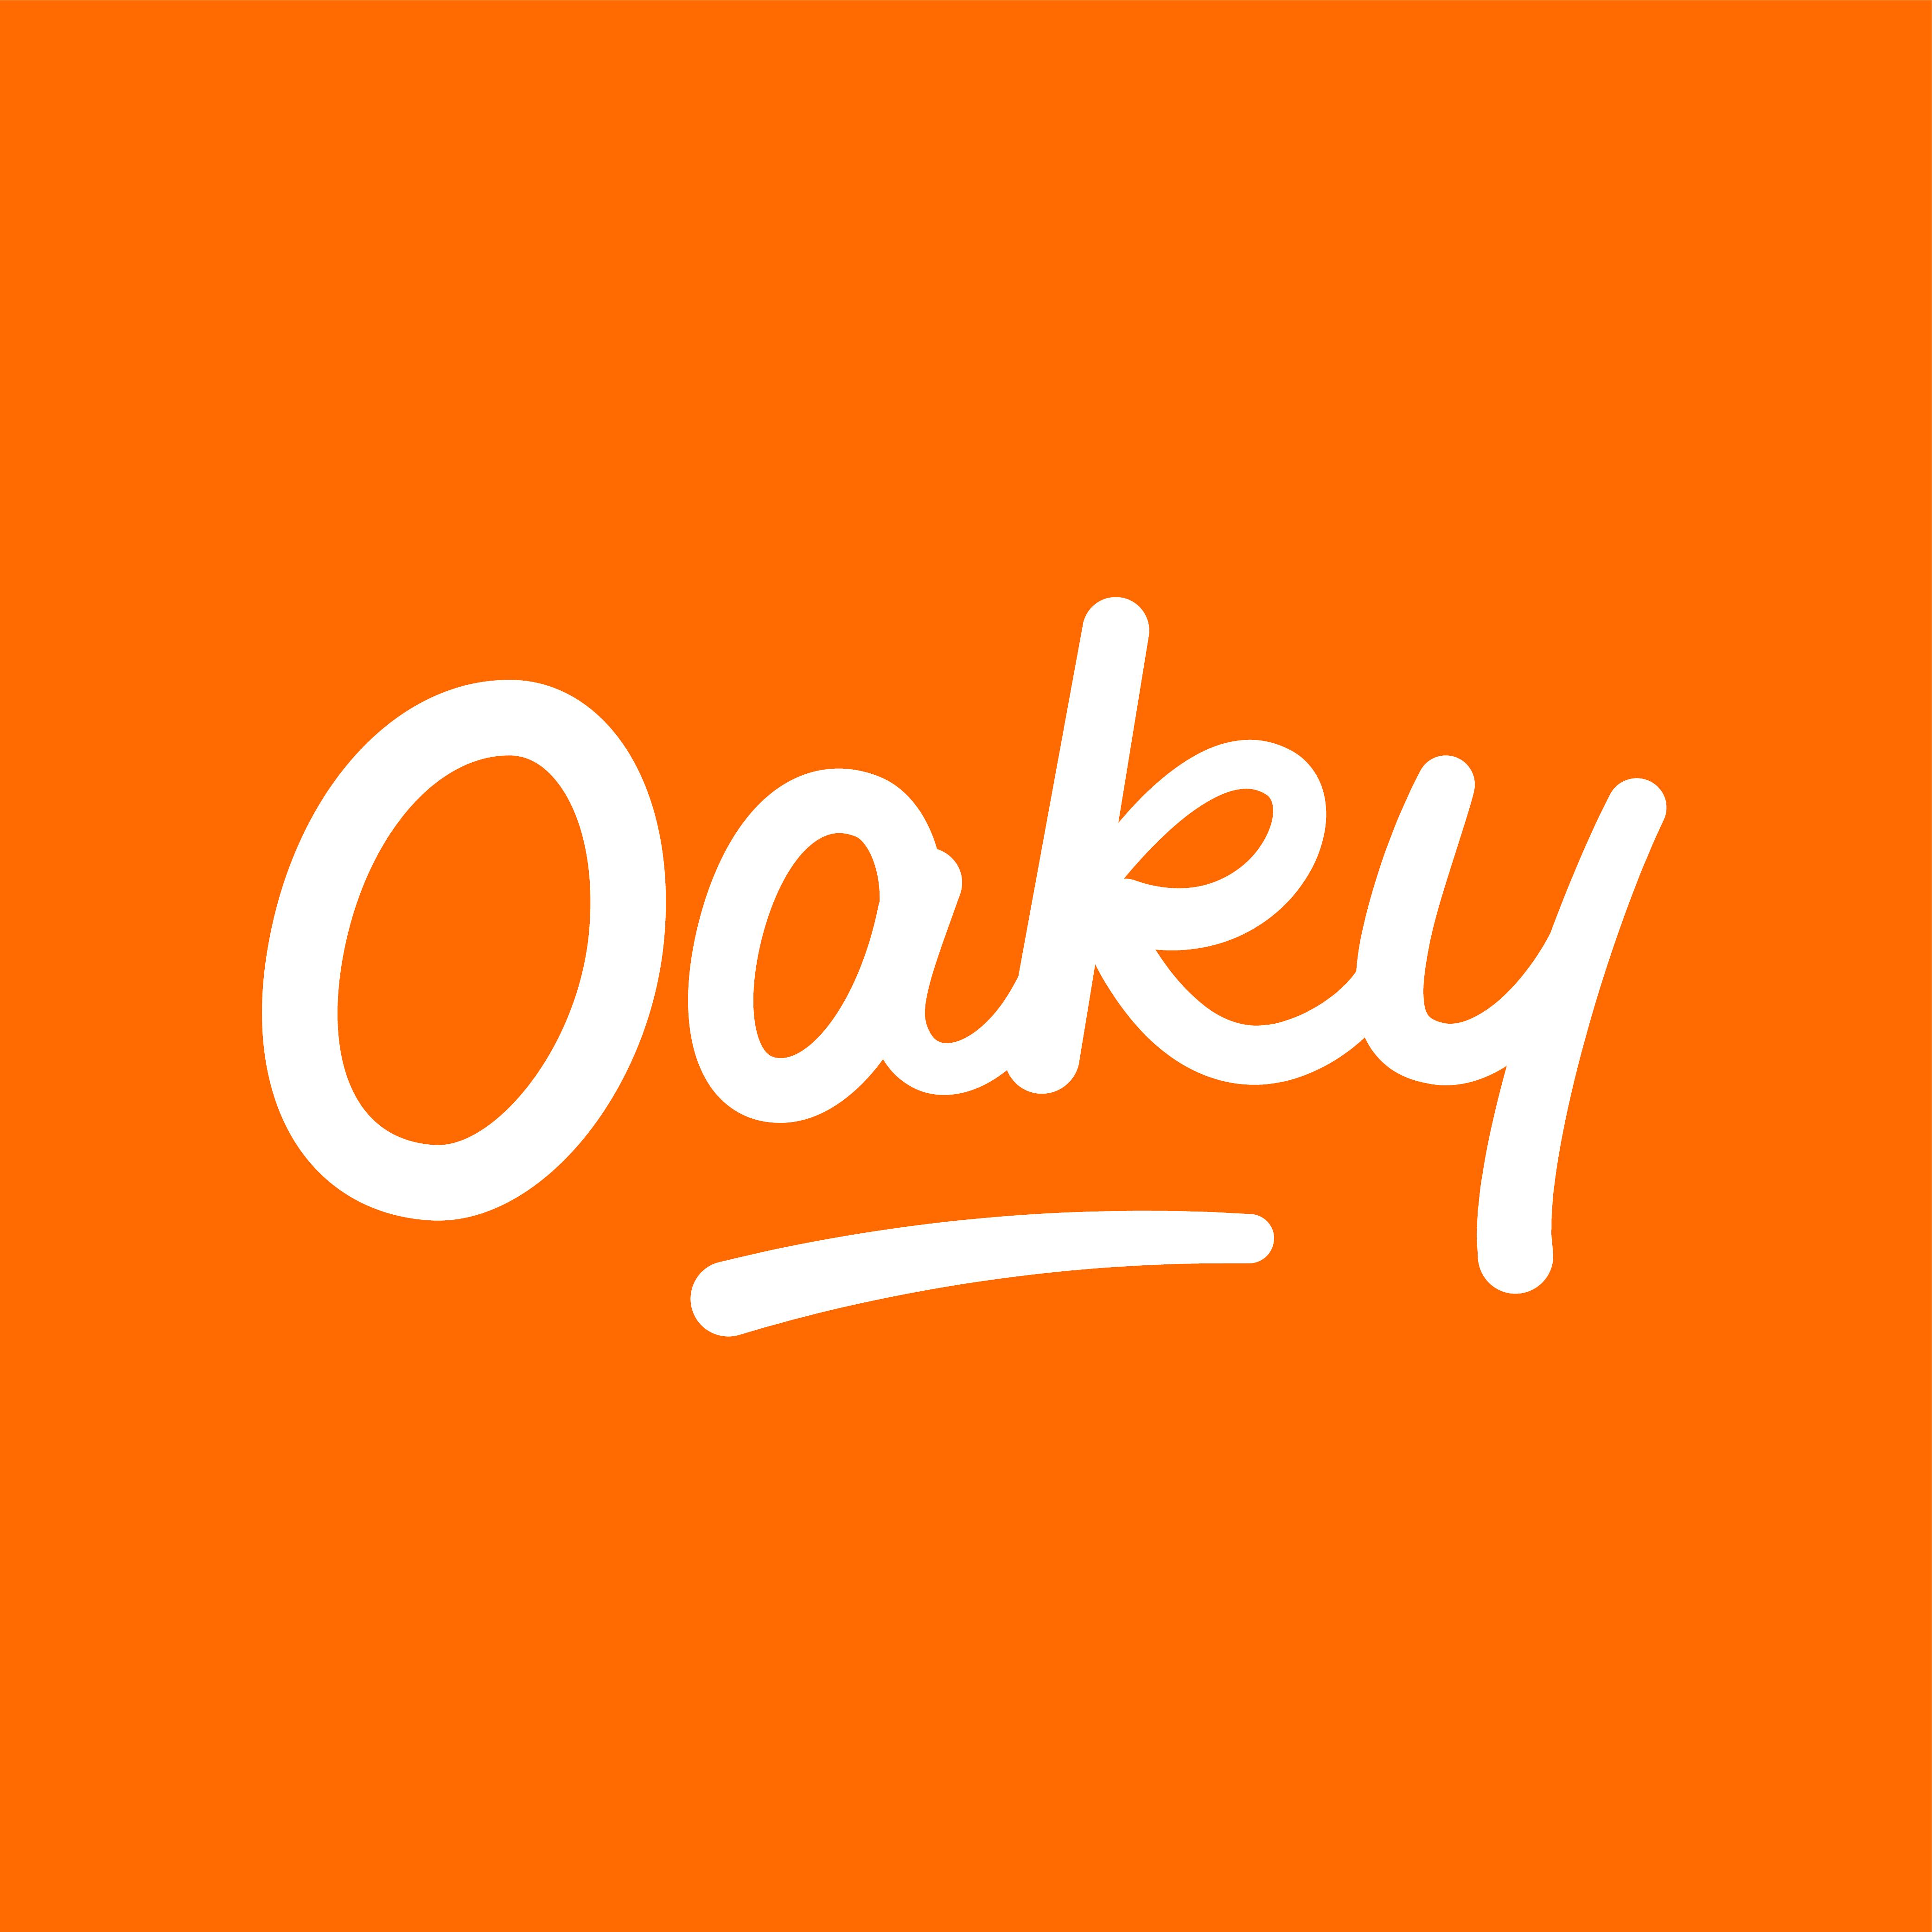 Oaky logo